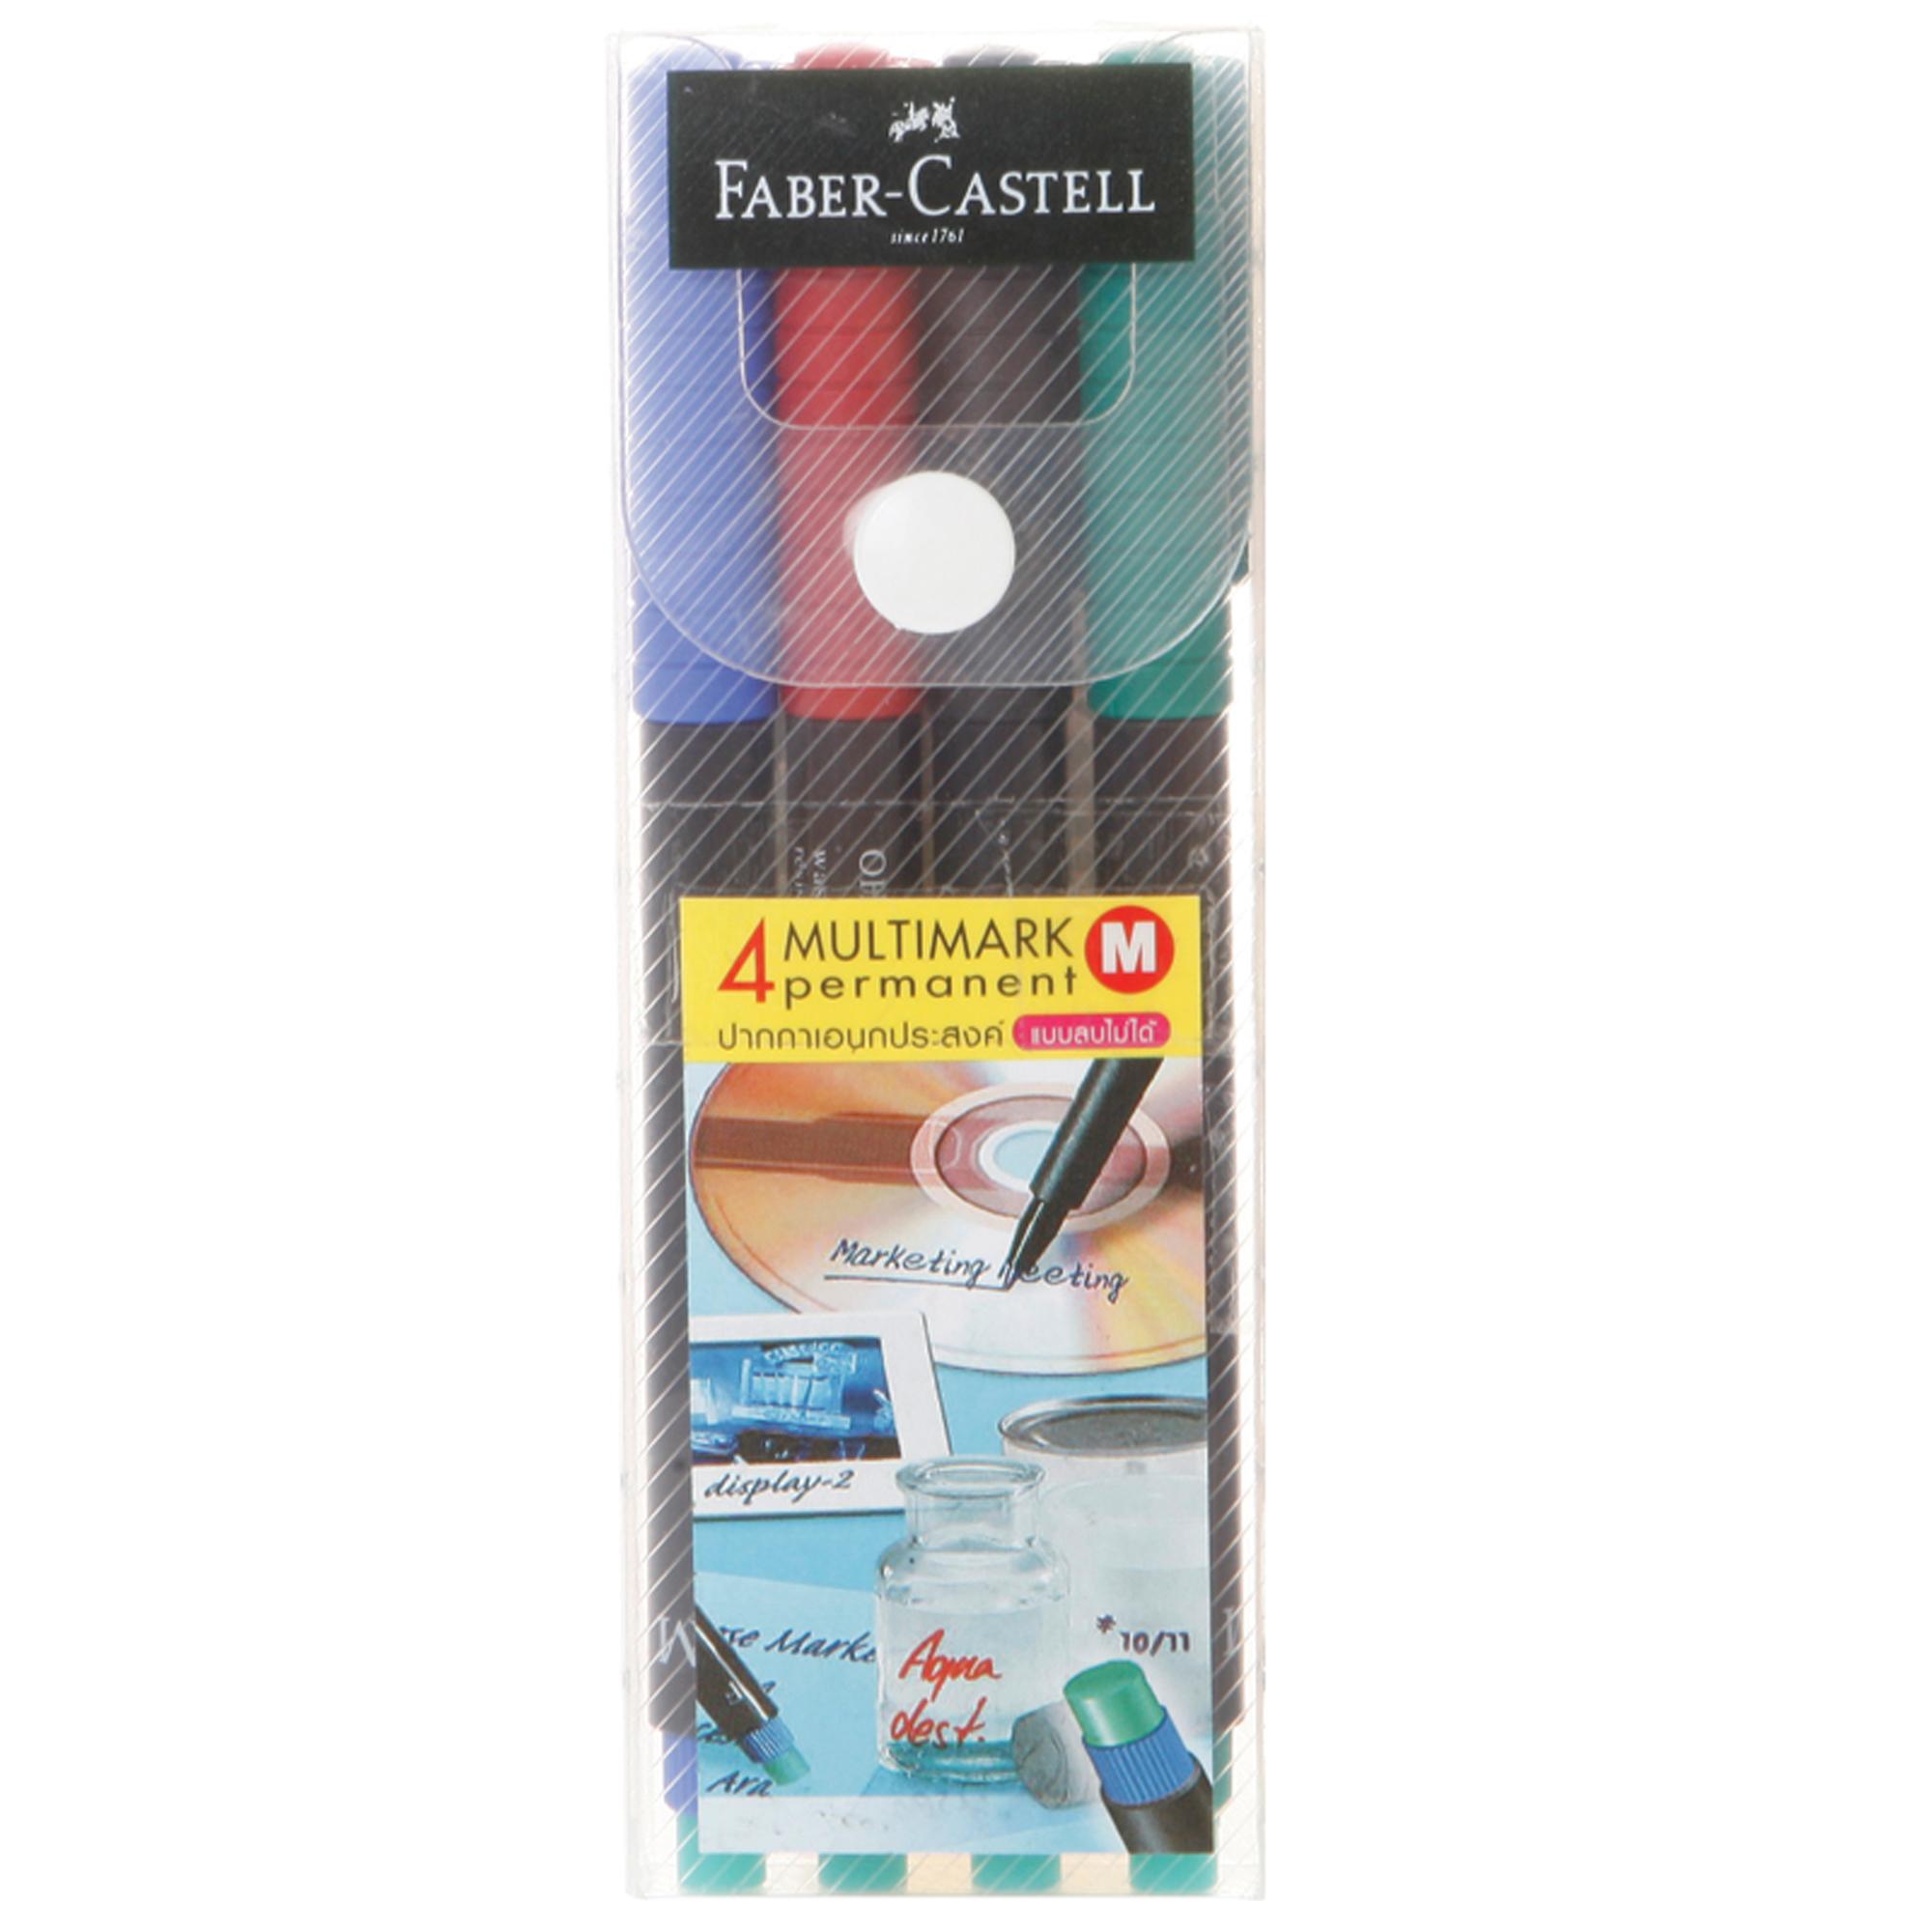 ปากกาเขียนแผ่นใสลบไม่ได้ 0.6 มม.แบบแพ็ค 4 สี Faber-Castell